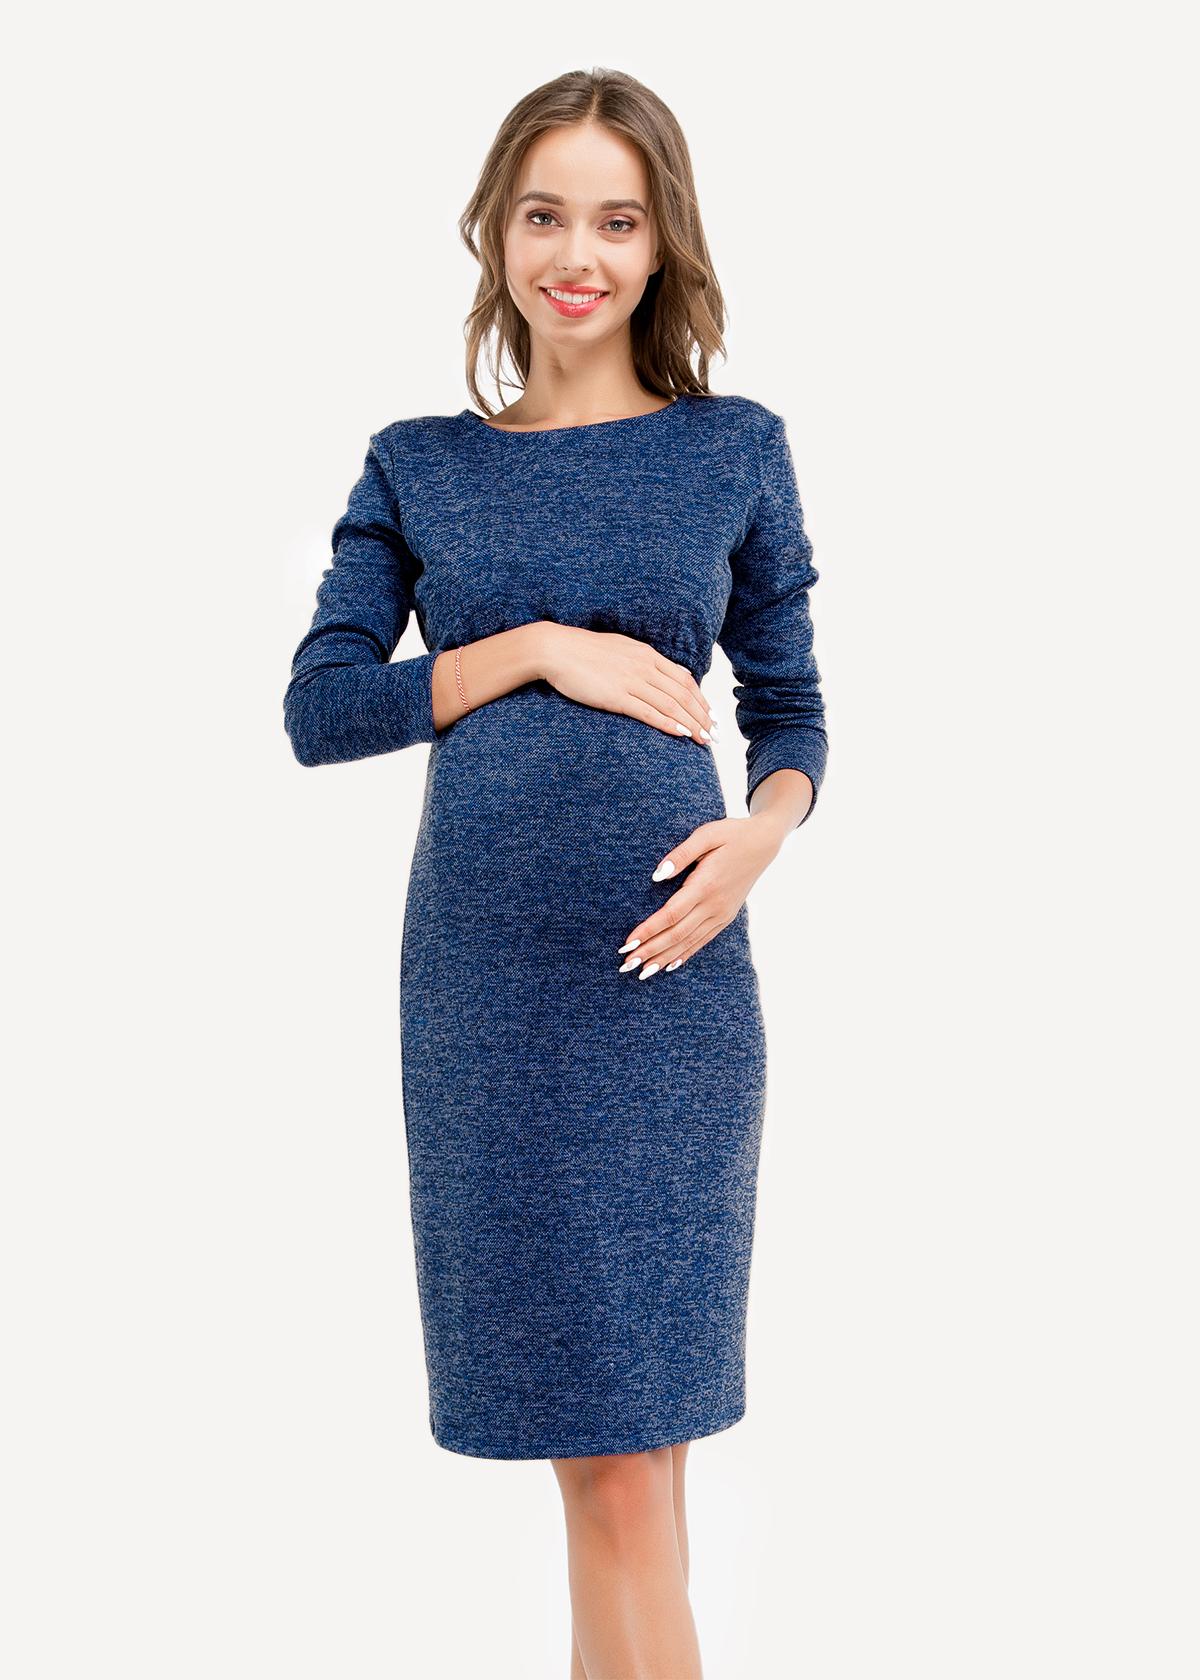 Фото: красивое Платье Deniz для беременных